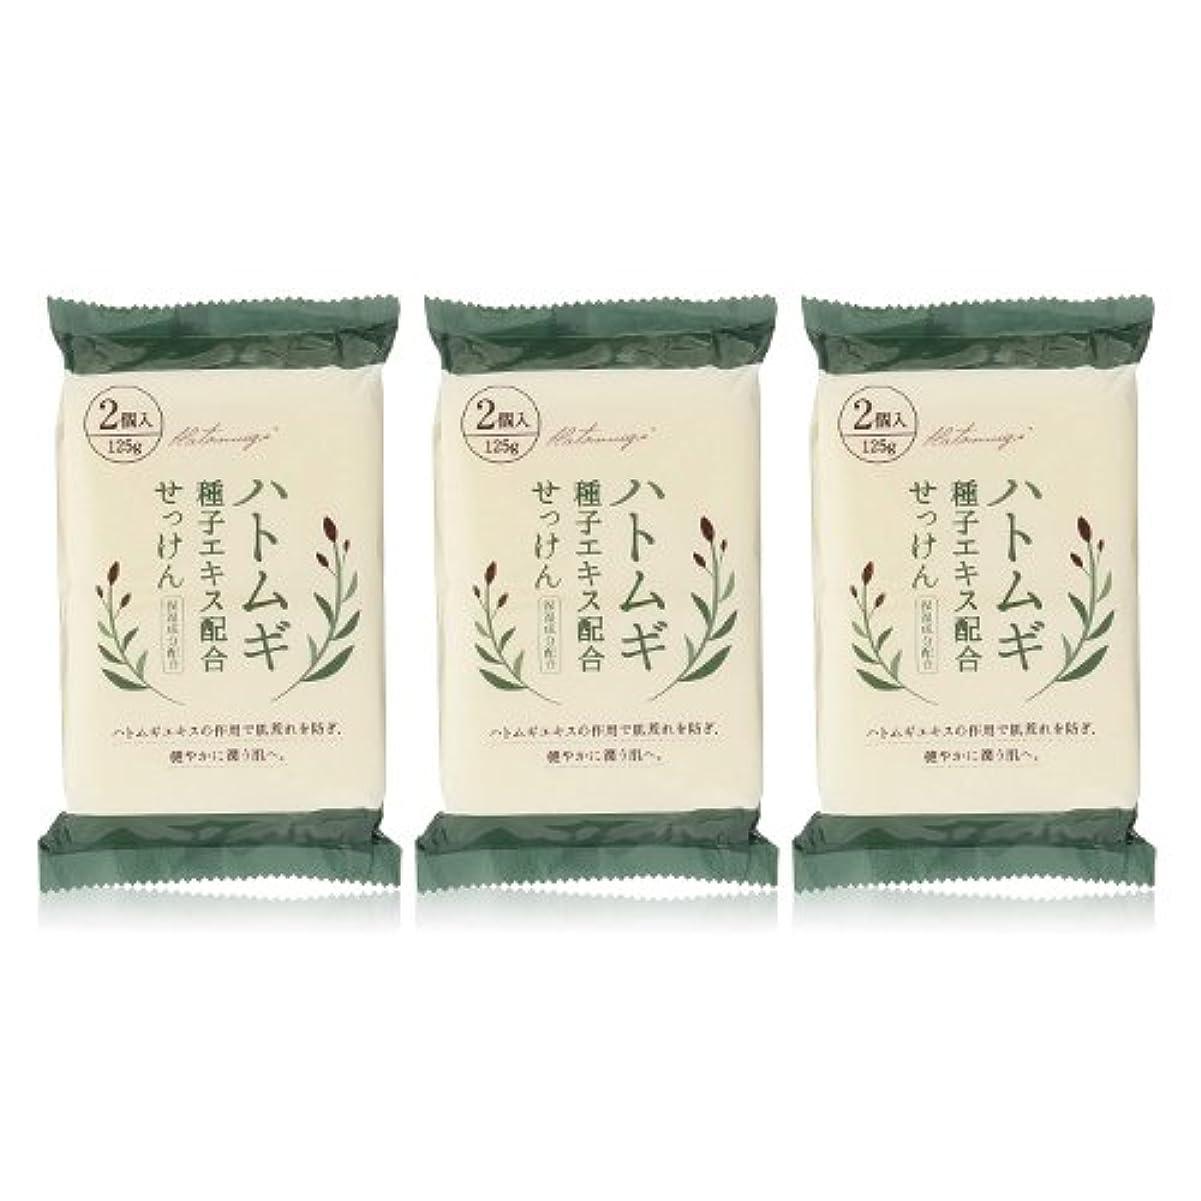 比類なき濃度ハイキングハトムギ種子エキス配合石けん 125g(2コ入)×3個セット(計6個)